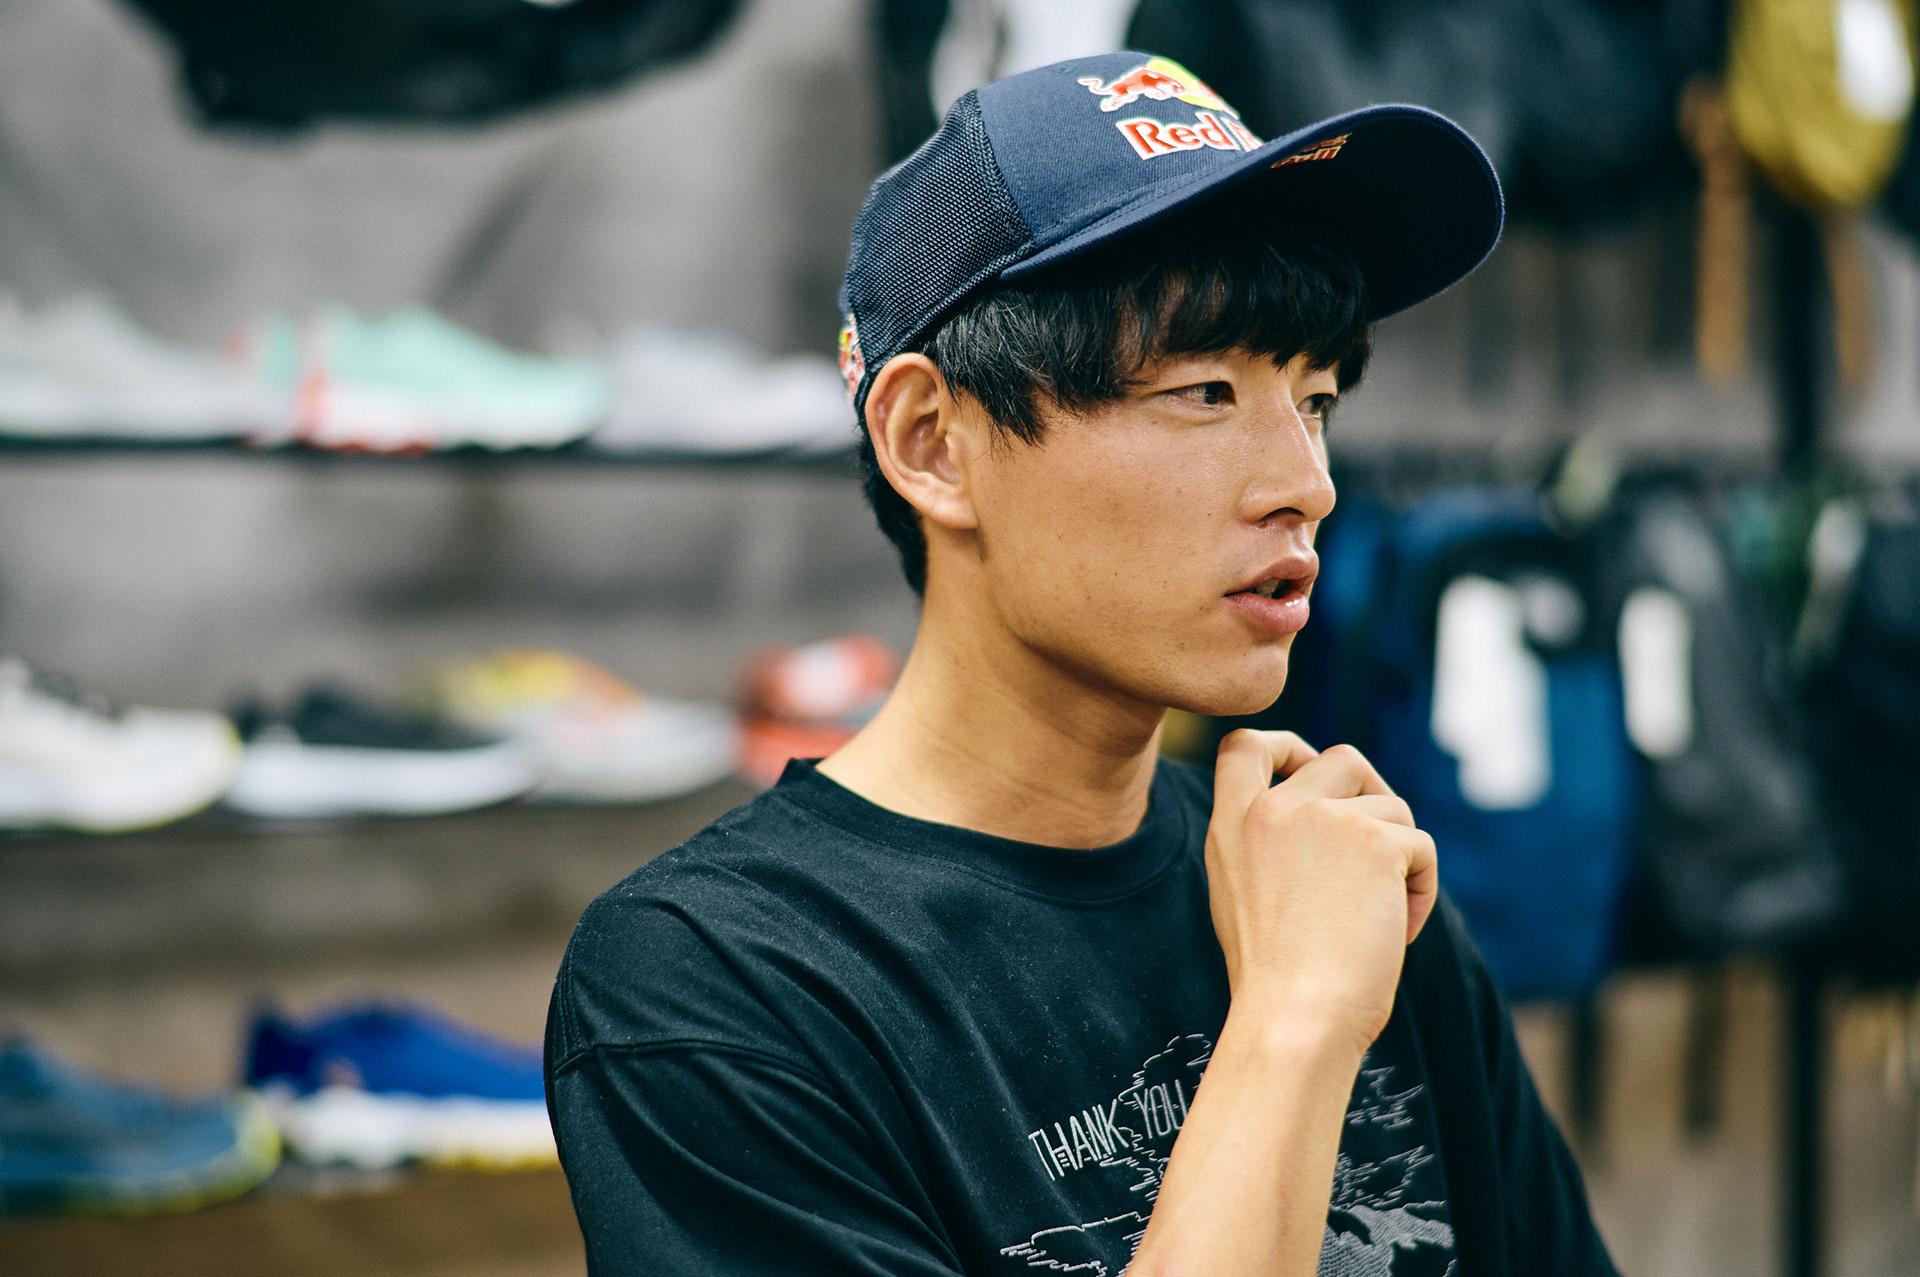 5-4 本当は金メダル3個じゃないと納得できない <br>~ランナー・上田瑠偉の2021シーズン~